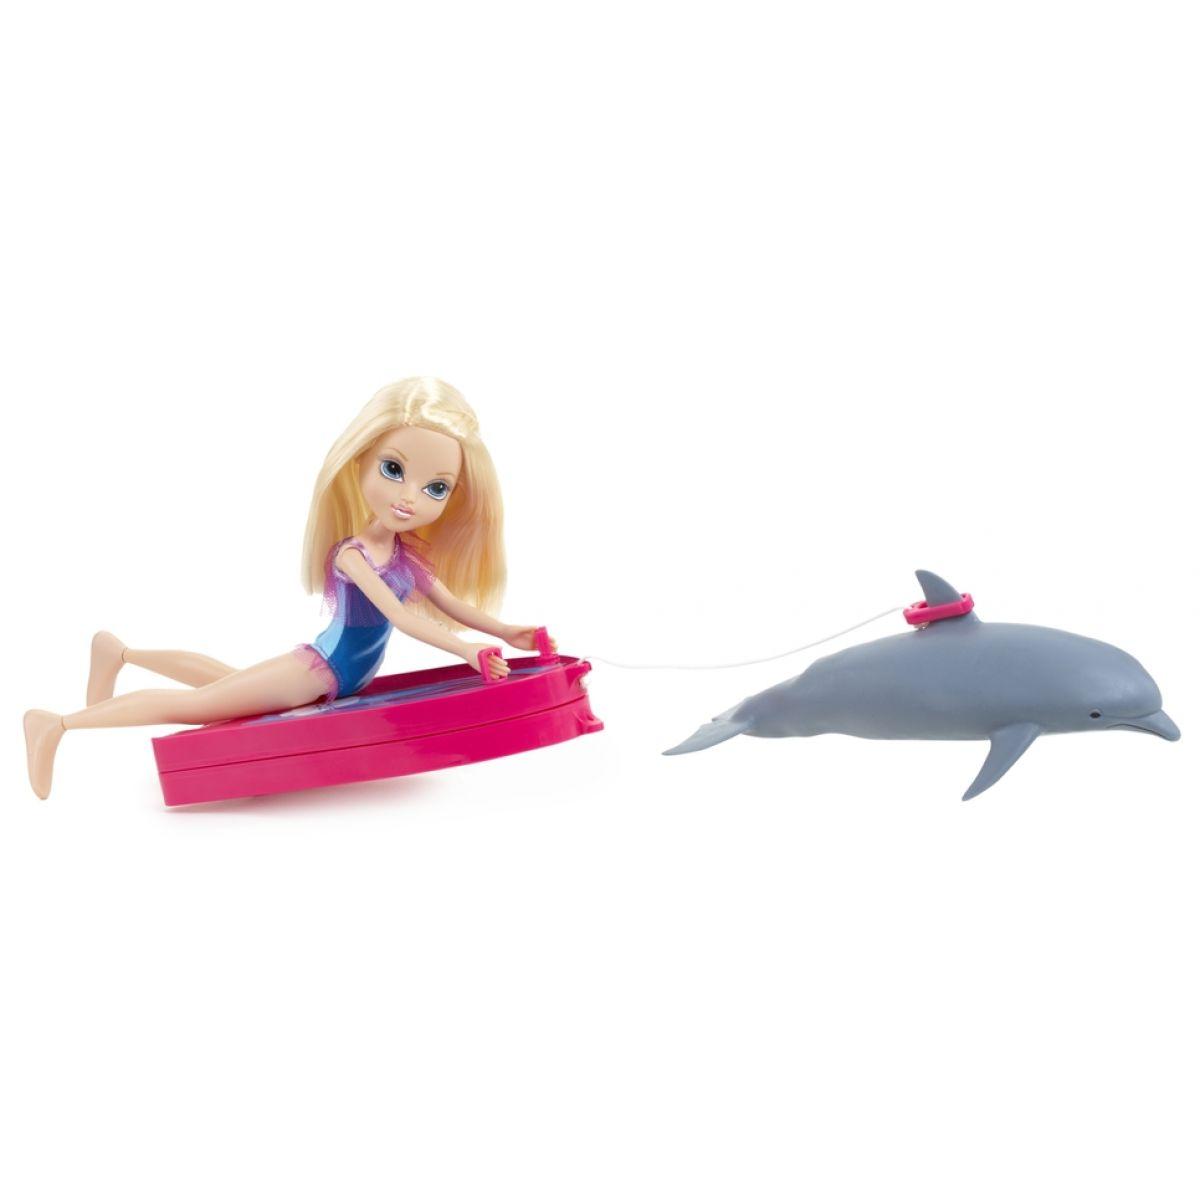 Moxie Girlz Panenka s plavacím delfínem - Avery #2